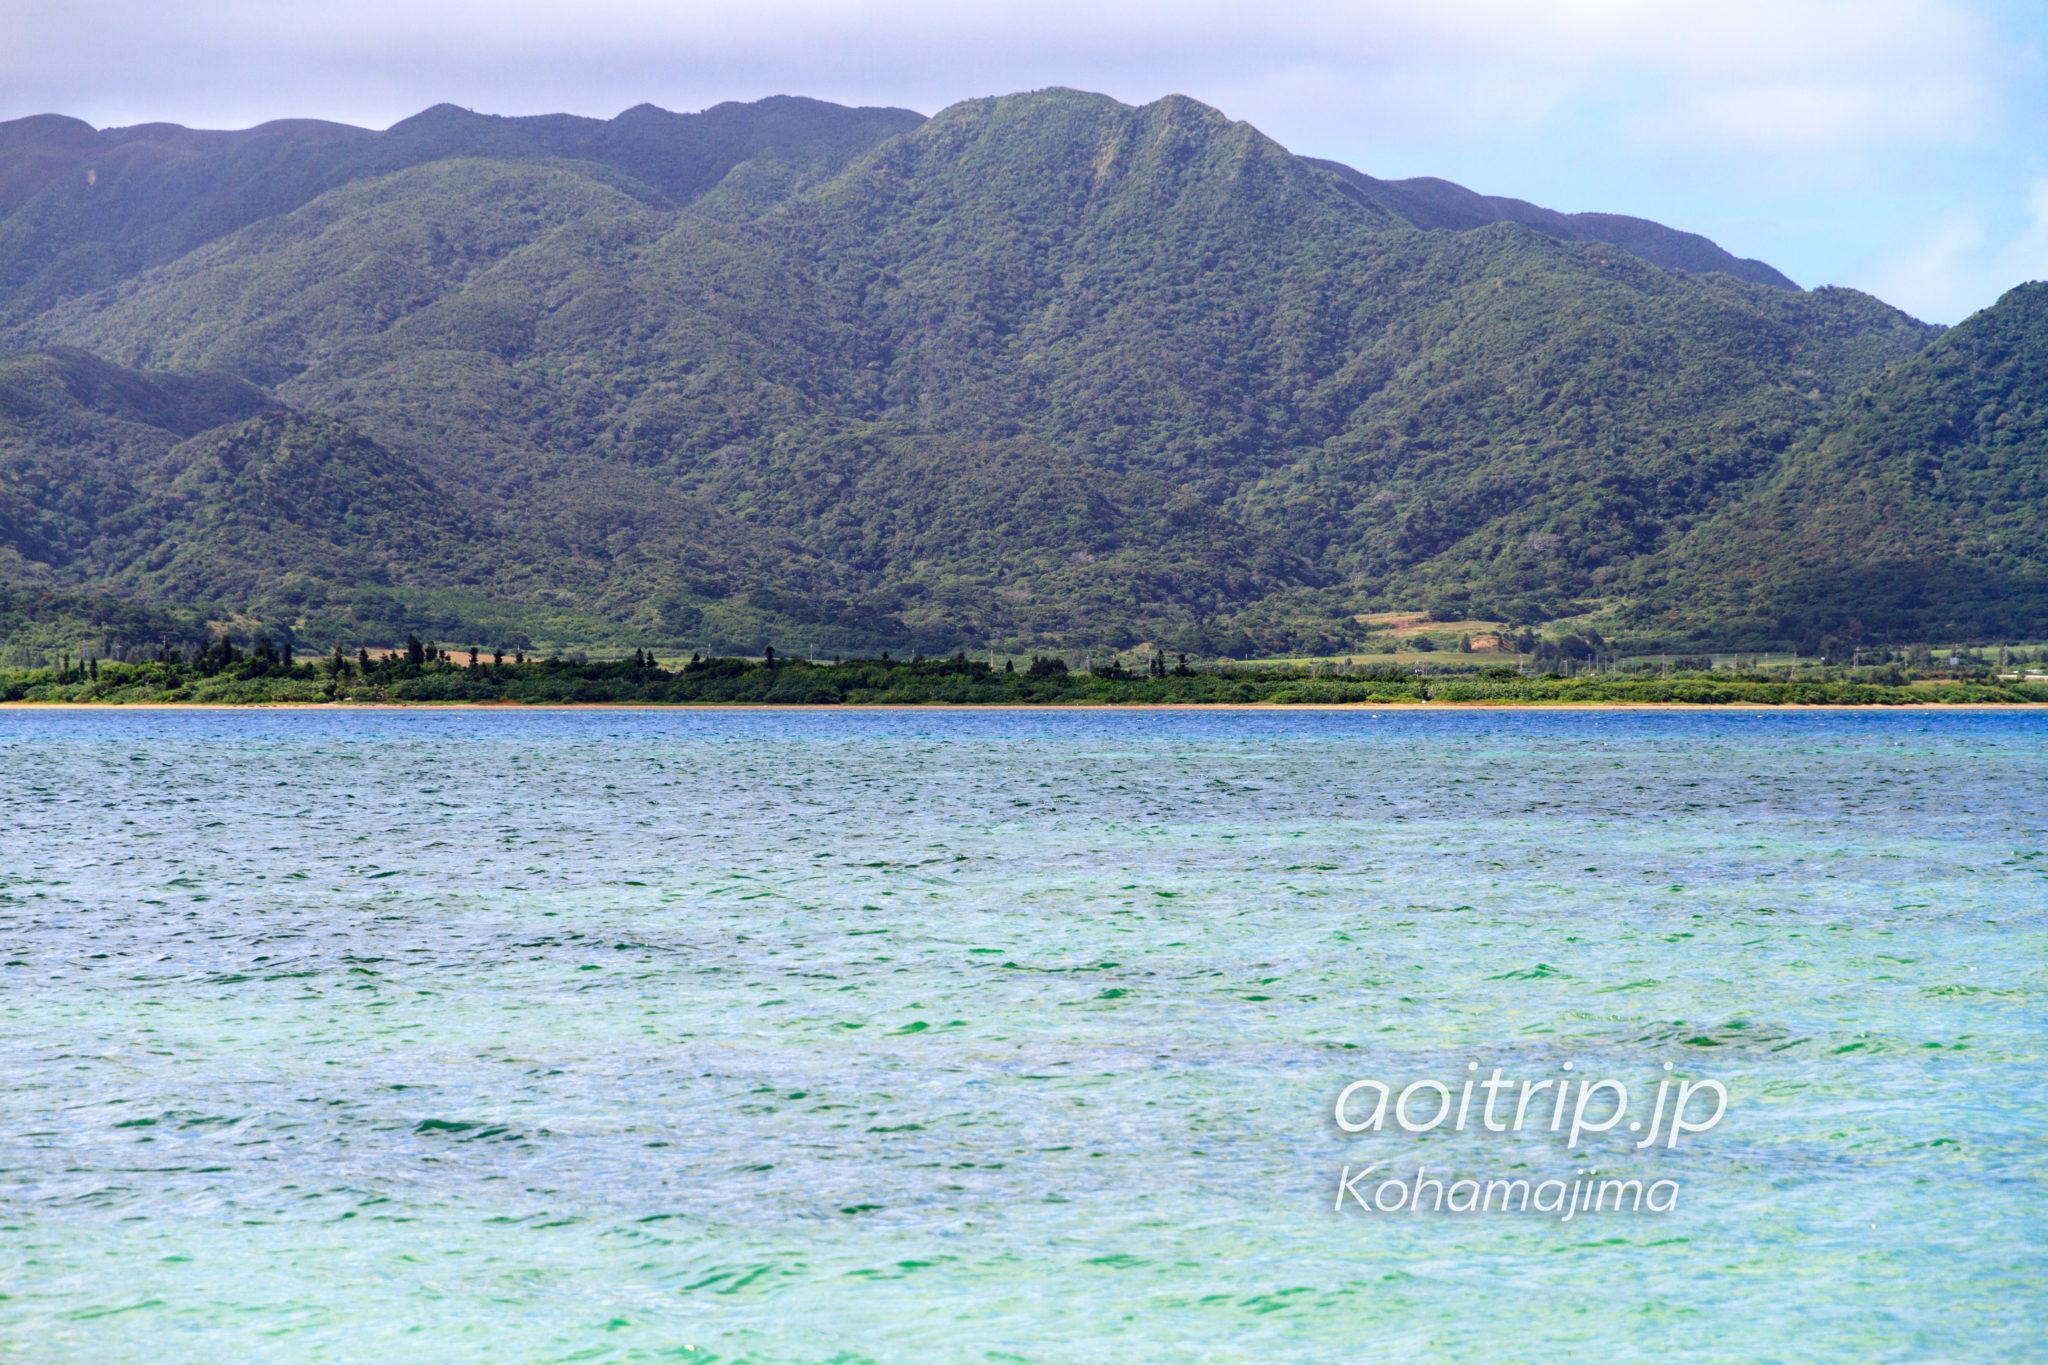 小浜島 細崎ビーチから見る由布島、西表島